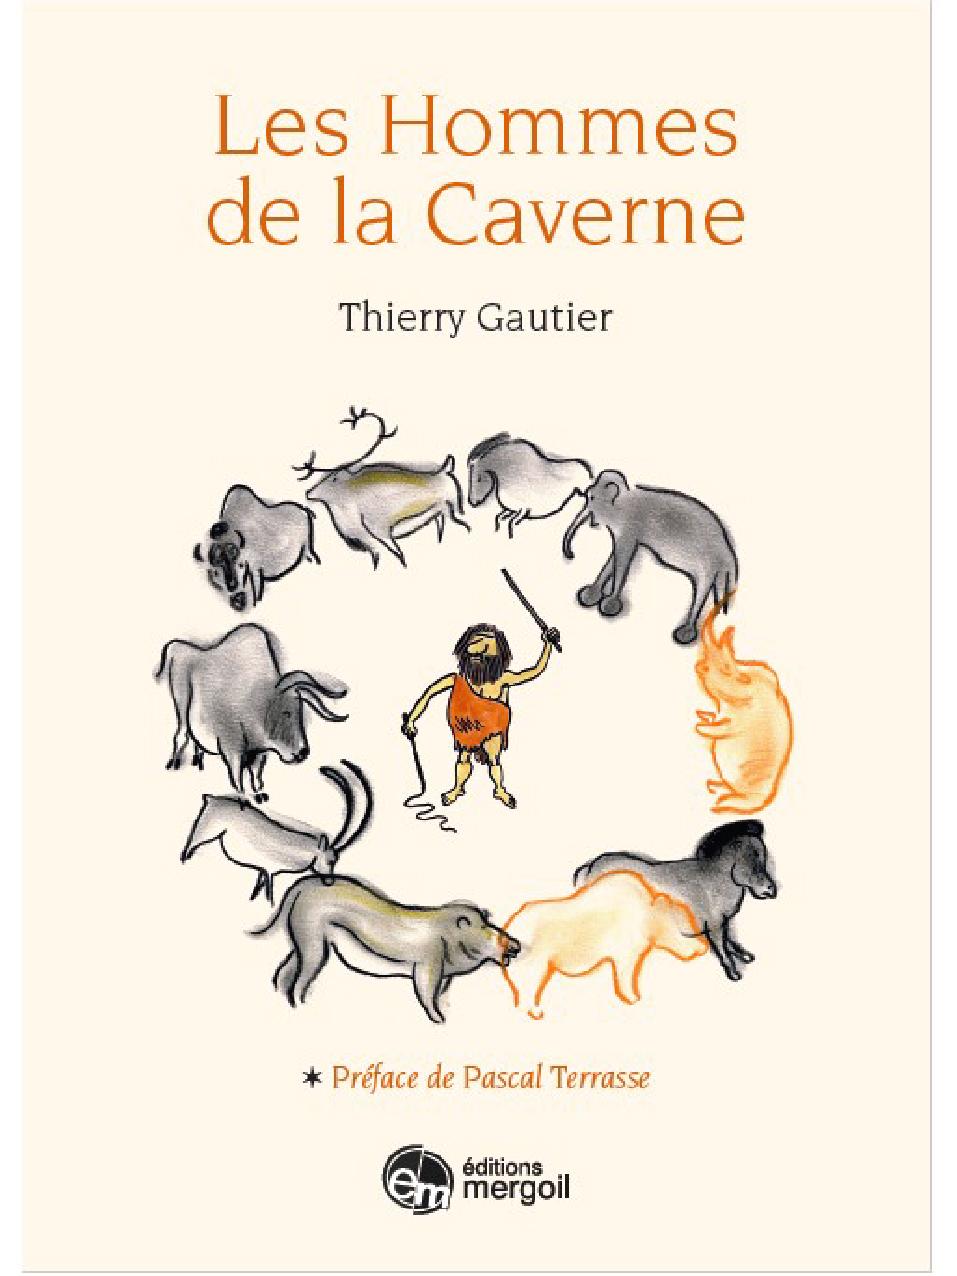 les hommes de la caverne - thierry gautier